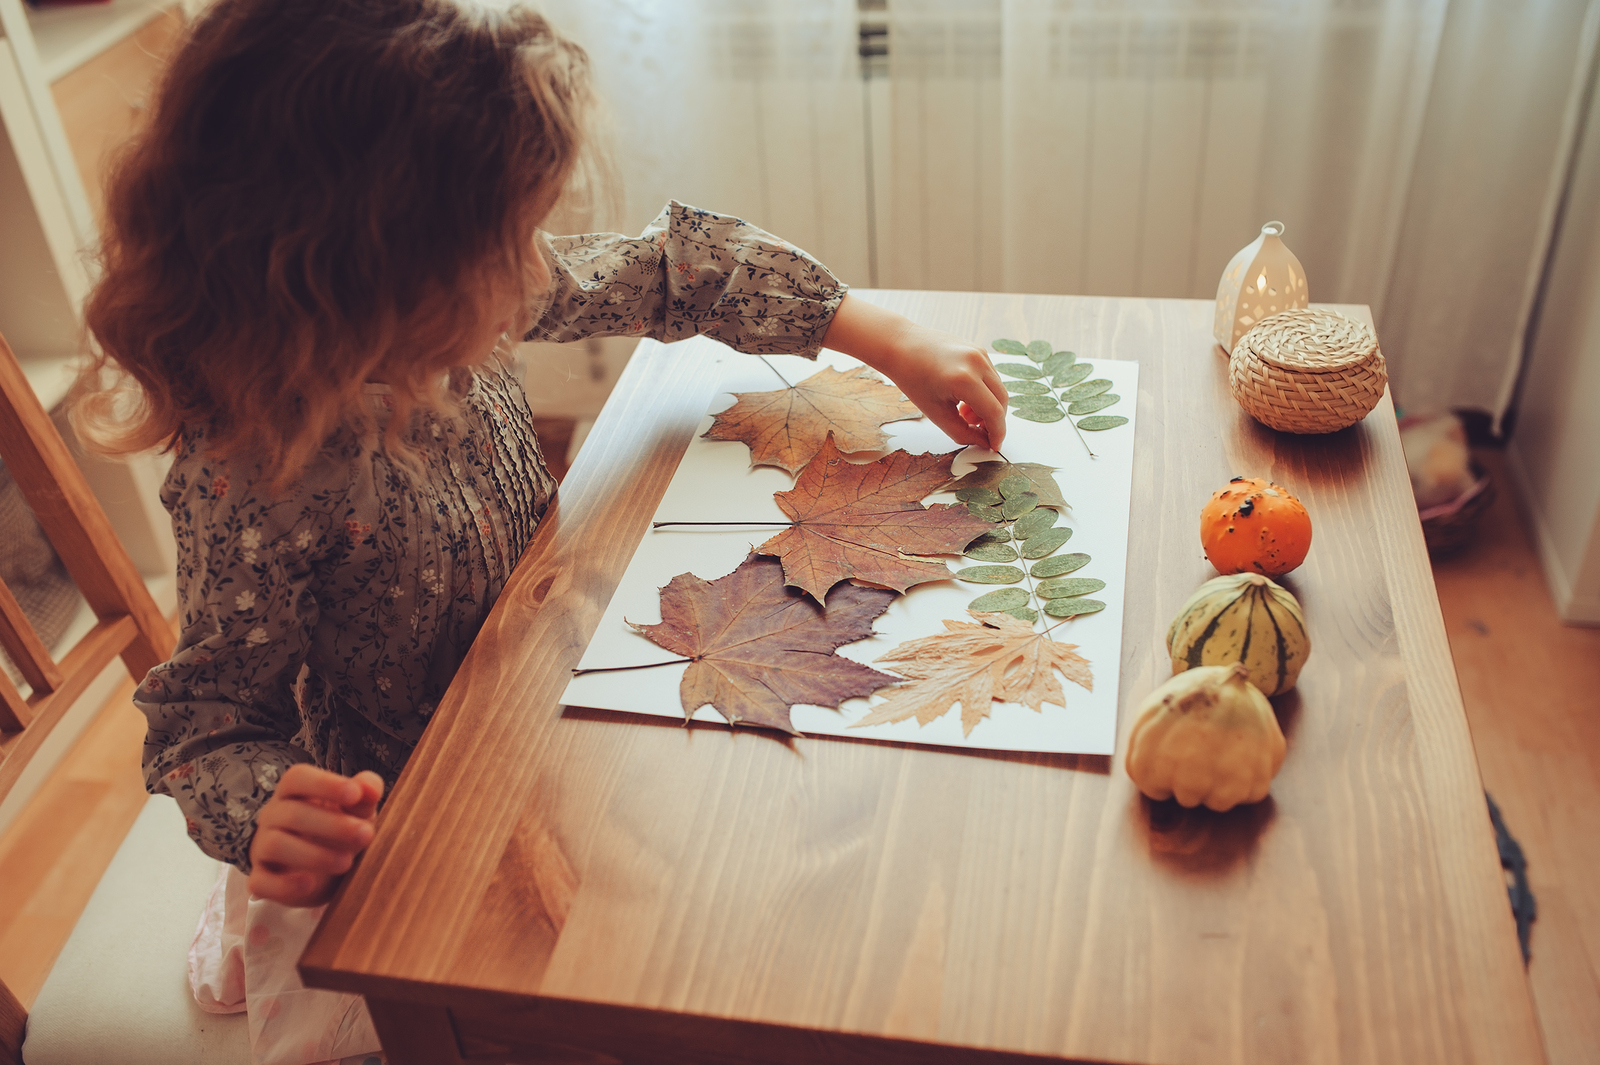 DIY for Kids: How to Make a Flower/Leaf Press